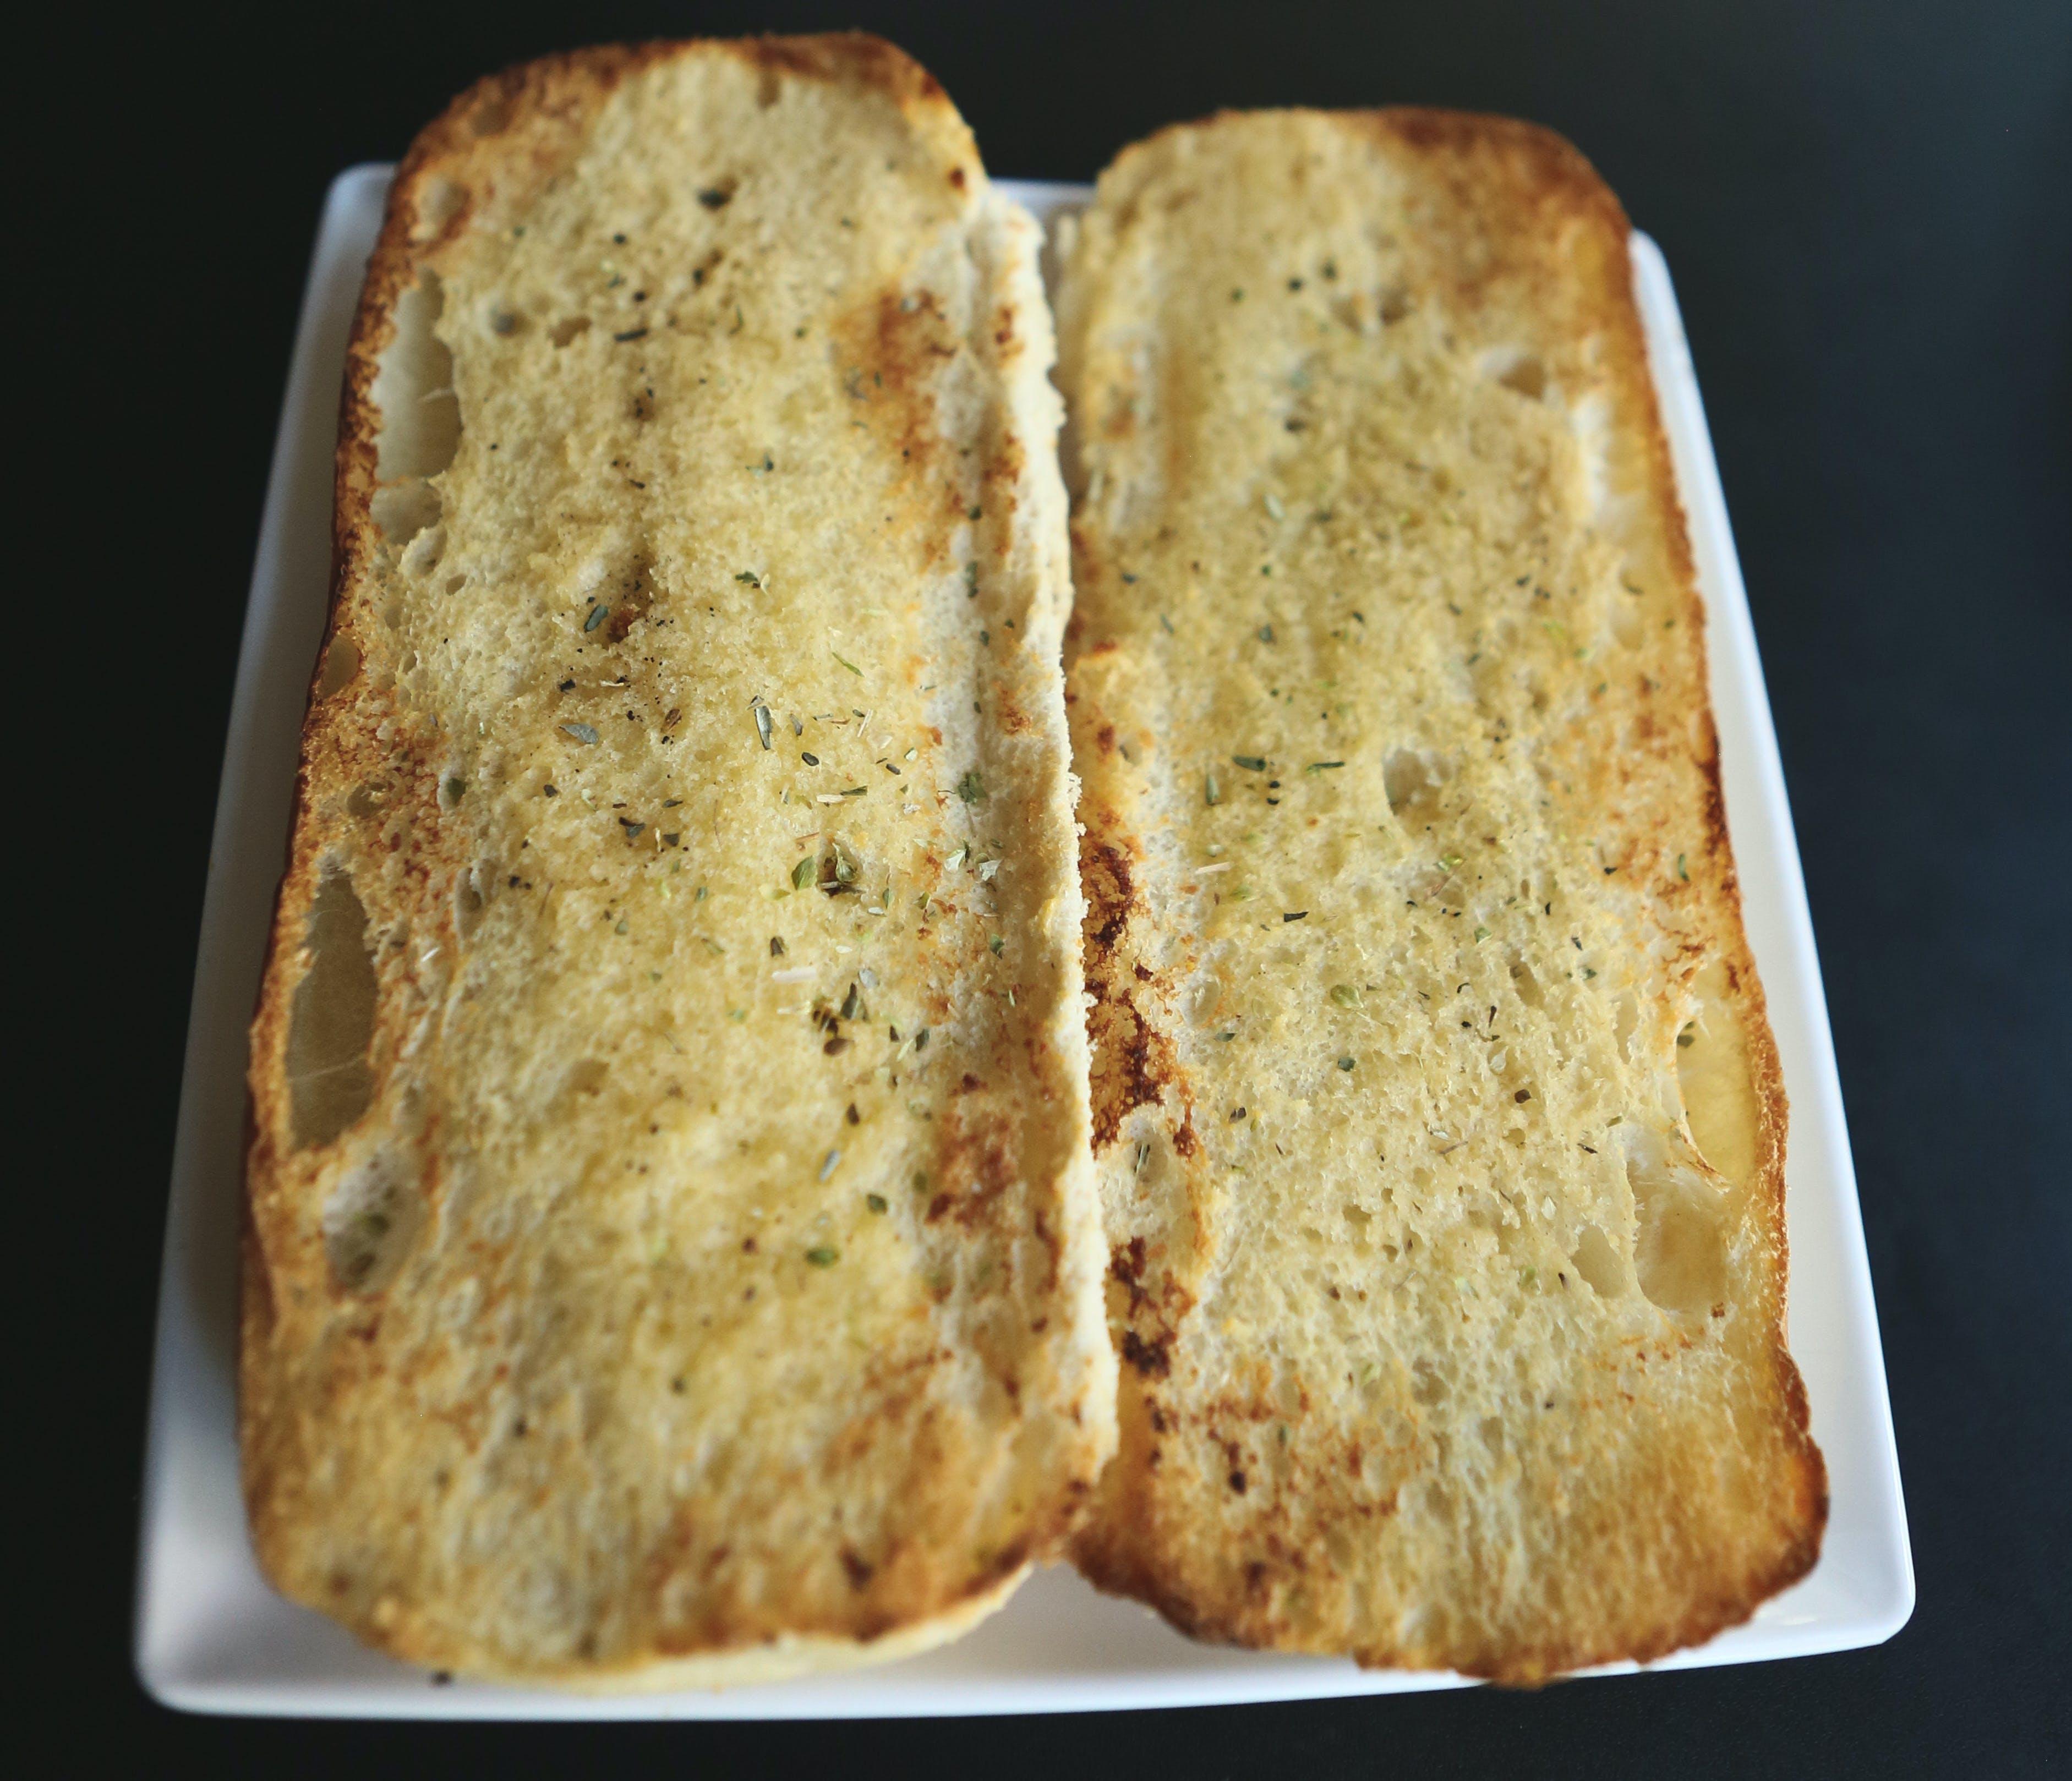 Garlic Bread from Falbo Bros. Pizzeria - Sun Prairie in Sun Prairie, WI